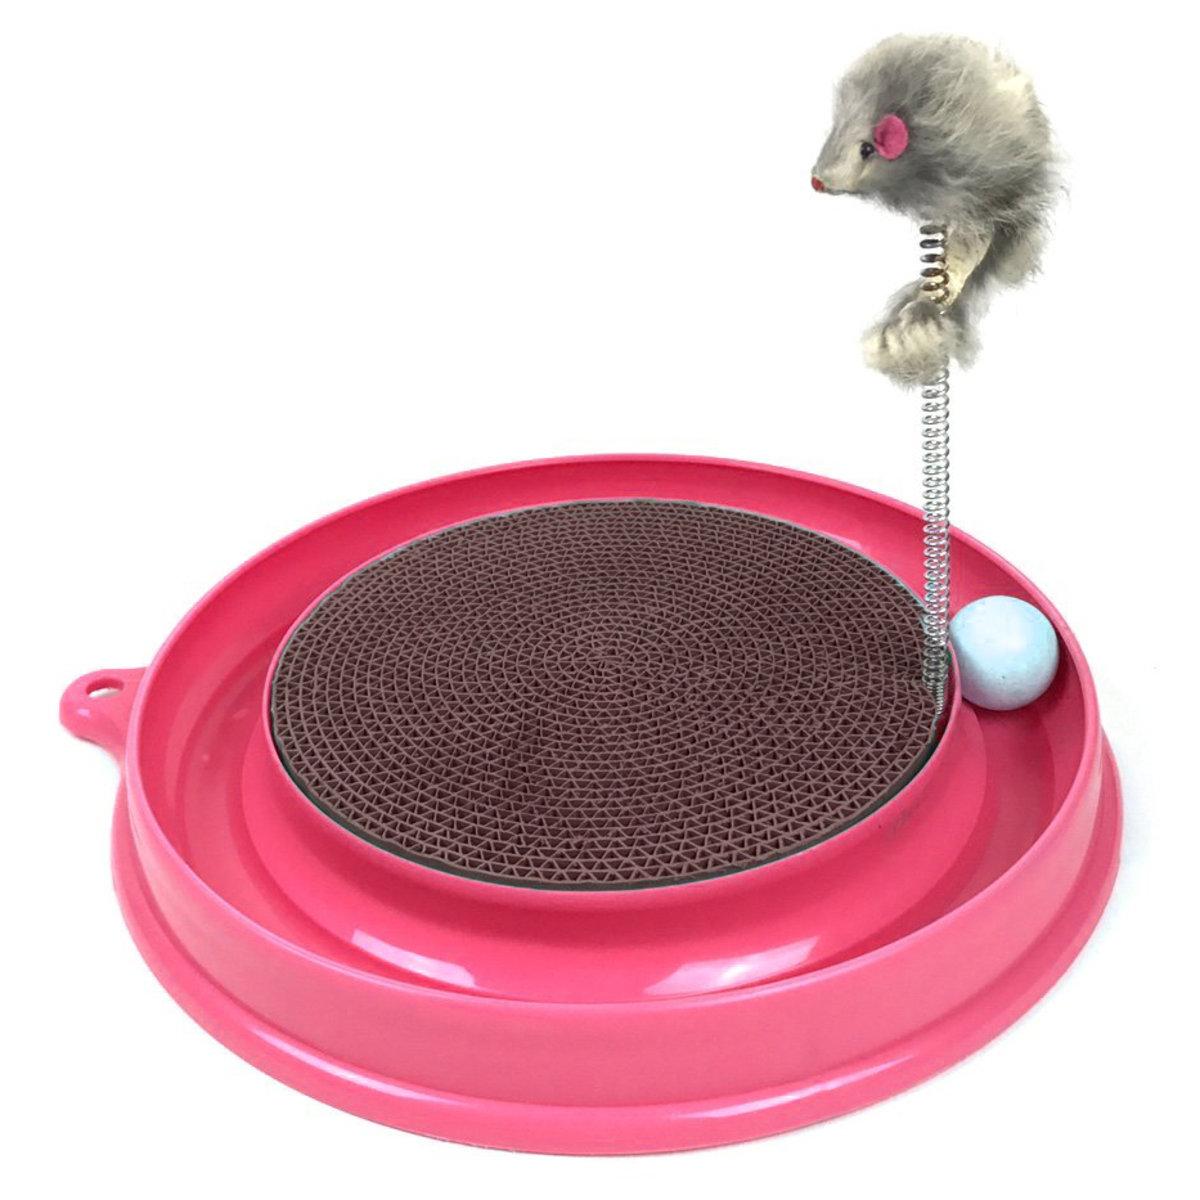 貓抓板 貓磨爪  老鼠逗貓棒 寵物玩具 貓用磨抓玩具